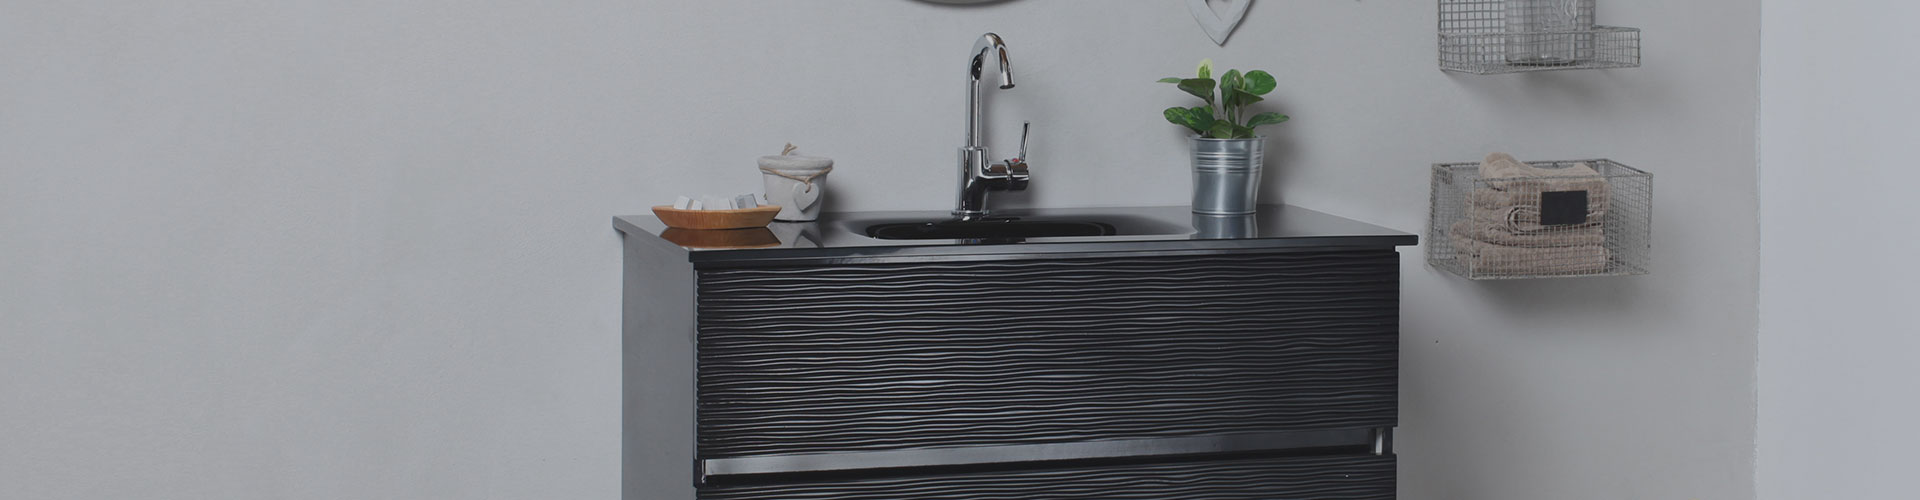 ארונות אמבטיה בראשון לציון